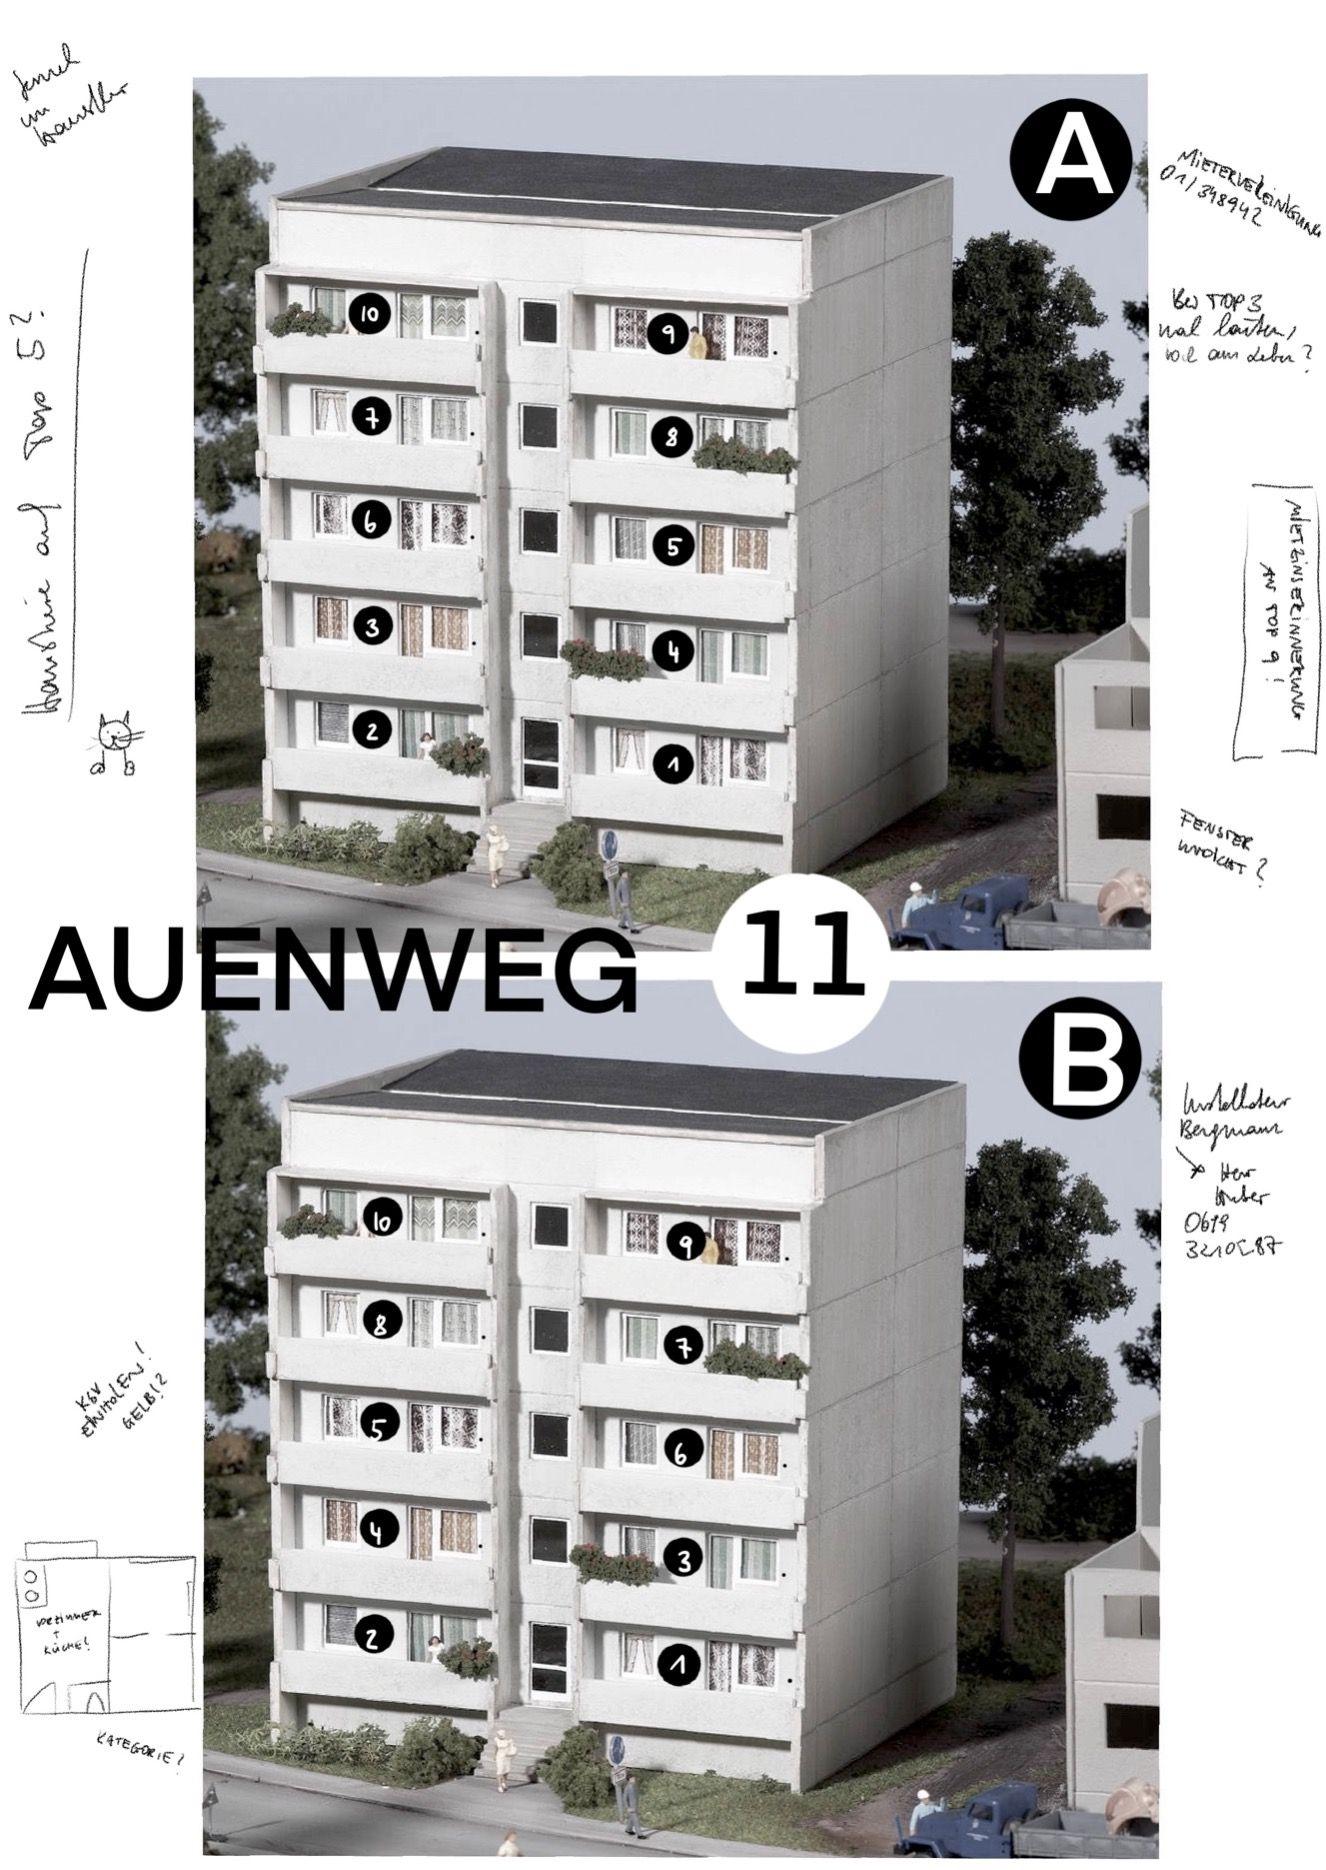 Auenweg 11